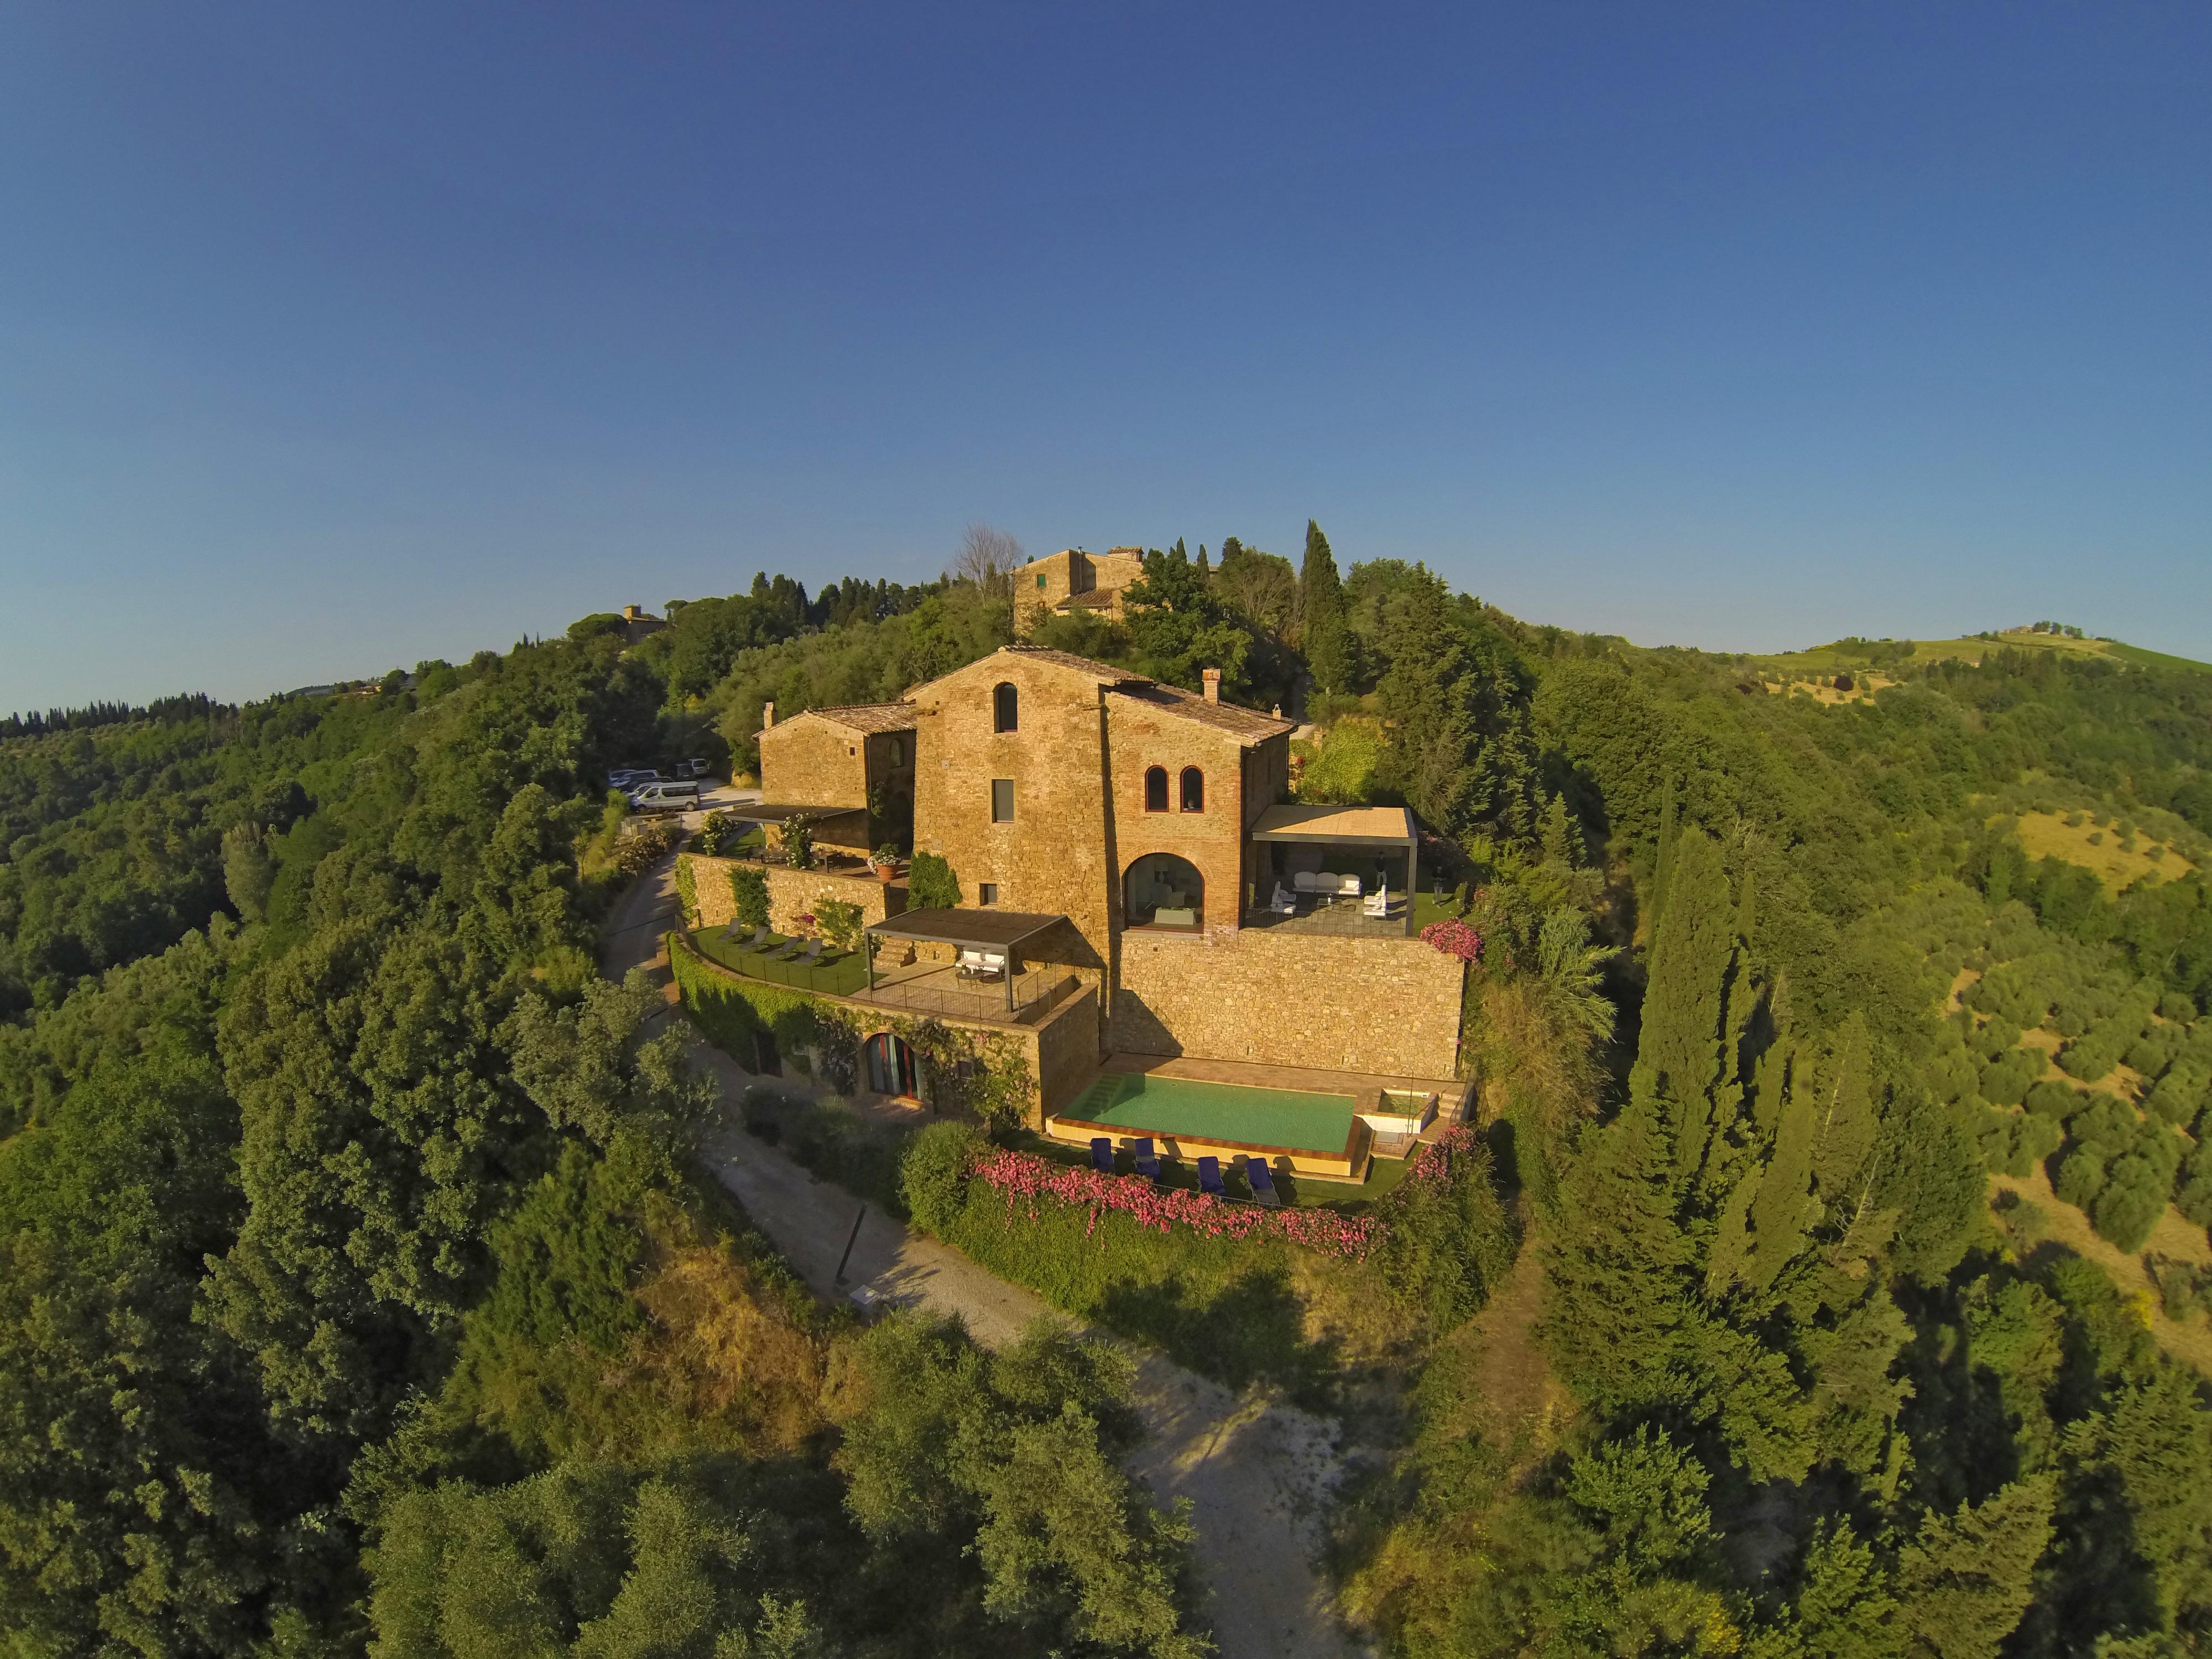 Villa<br>Torre in Chianti